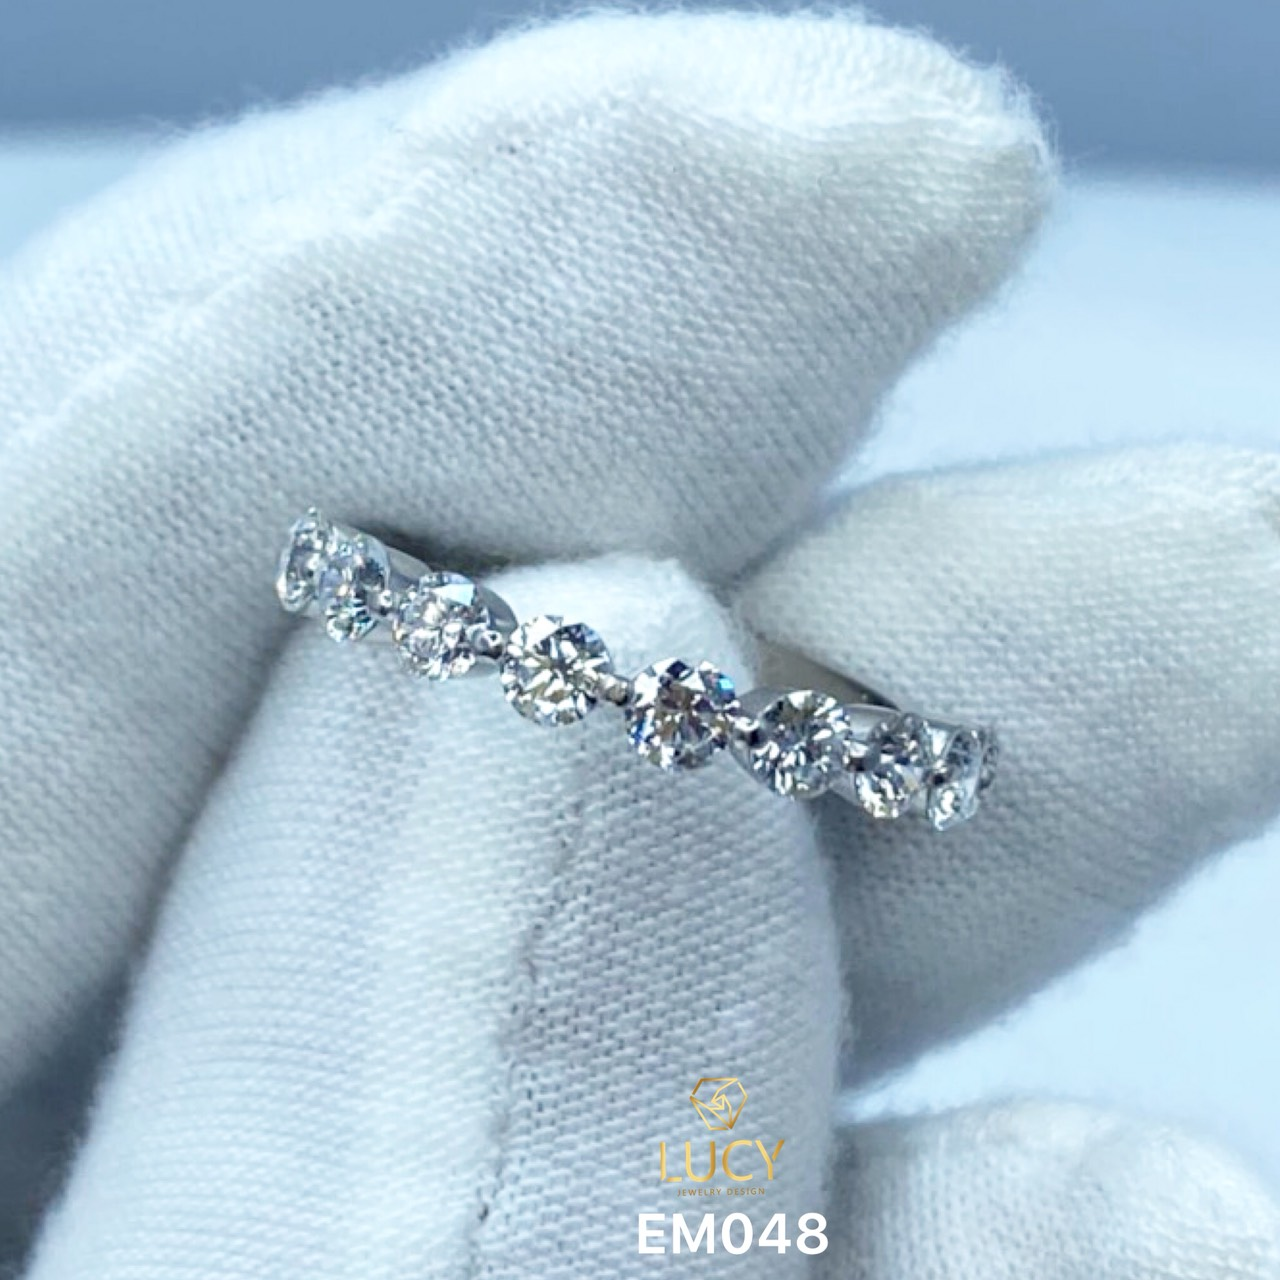 EM048 Nhẫn kết ngang 9 viên 3mm, nhẫn nữ vàng, nhẫn nữ thiết kế, nhẫn cầu hôn, nhẫn đính hôn - Lucy Jewelry